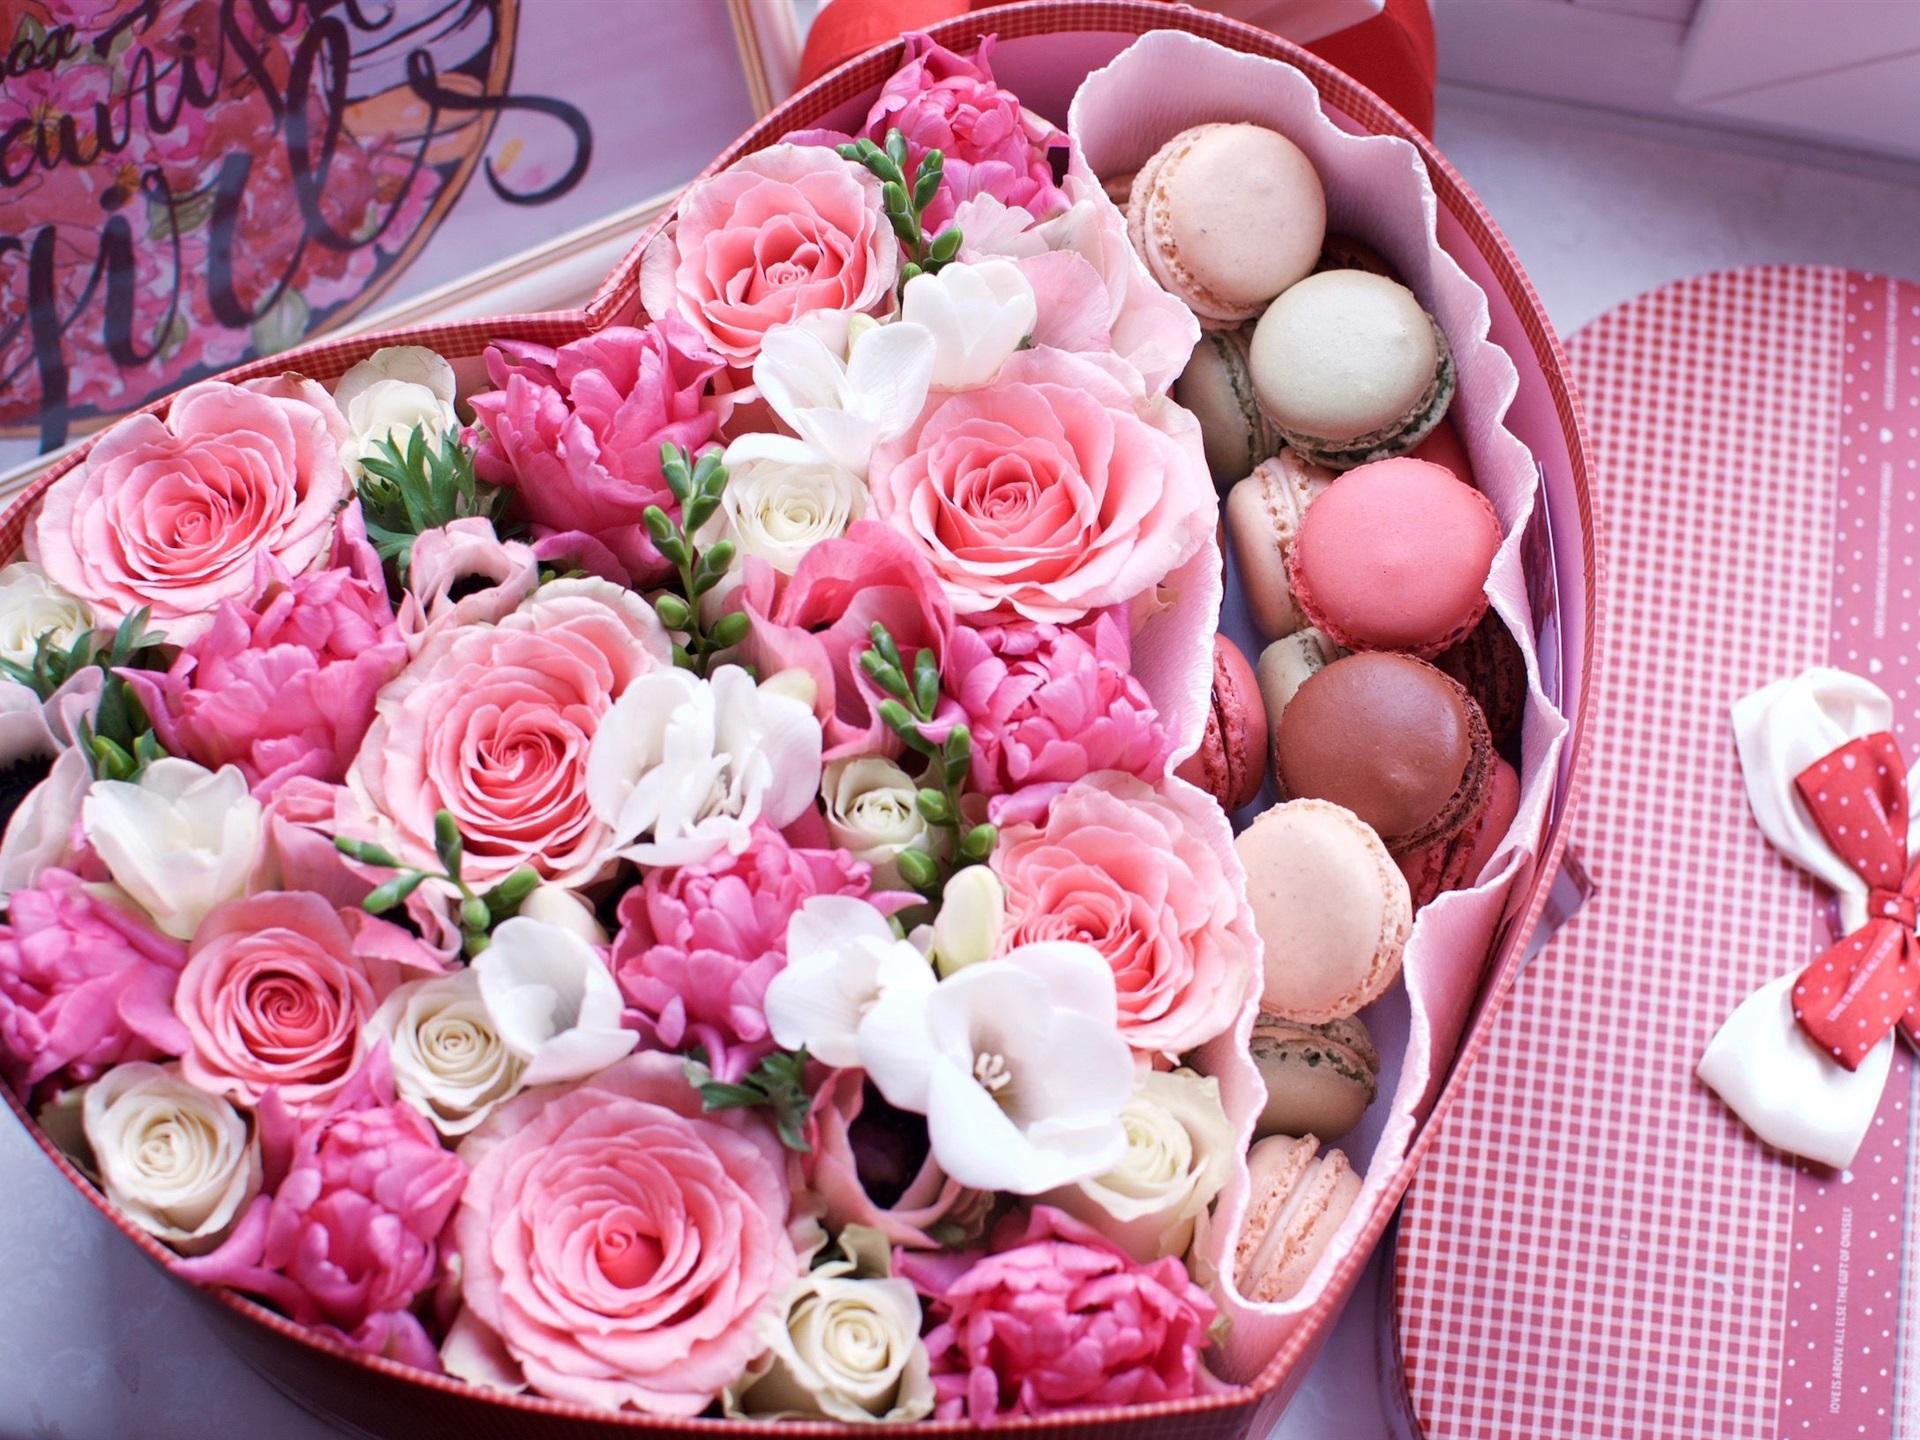 壁紙 愛のハート形の箱 マカロン ピンクのバラ 1920x1440 Hd 無料の